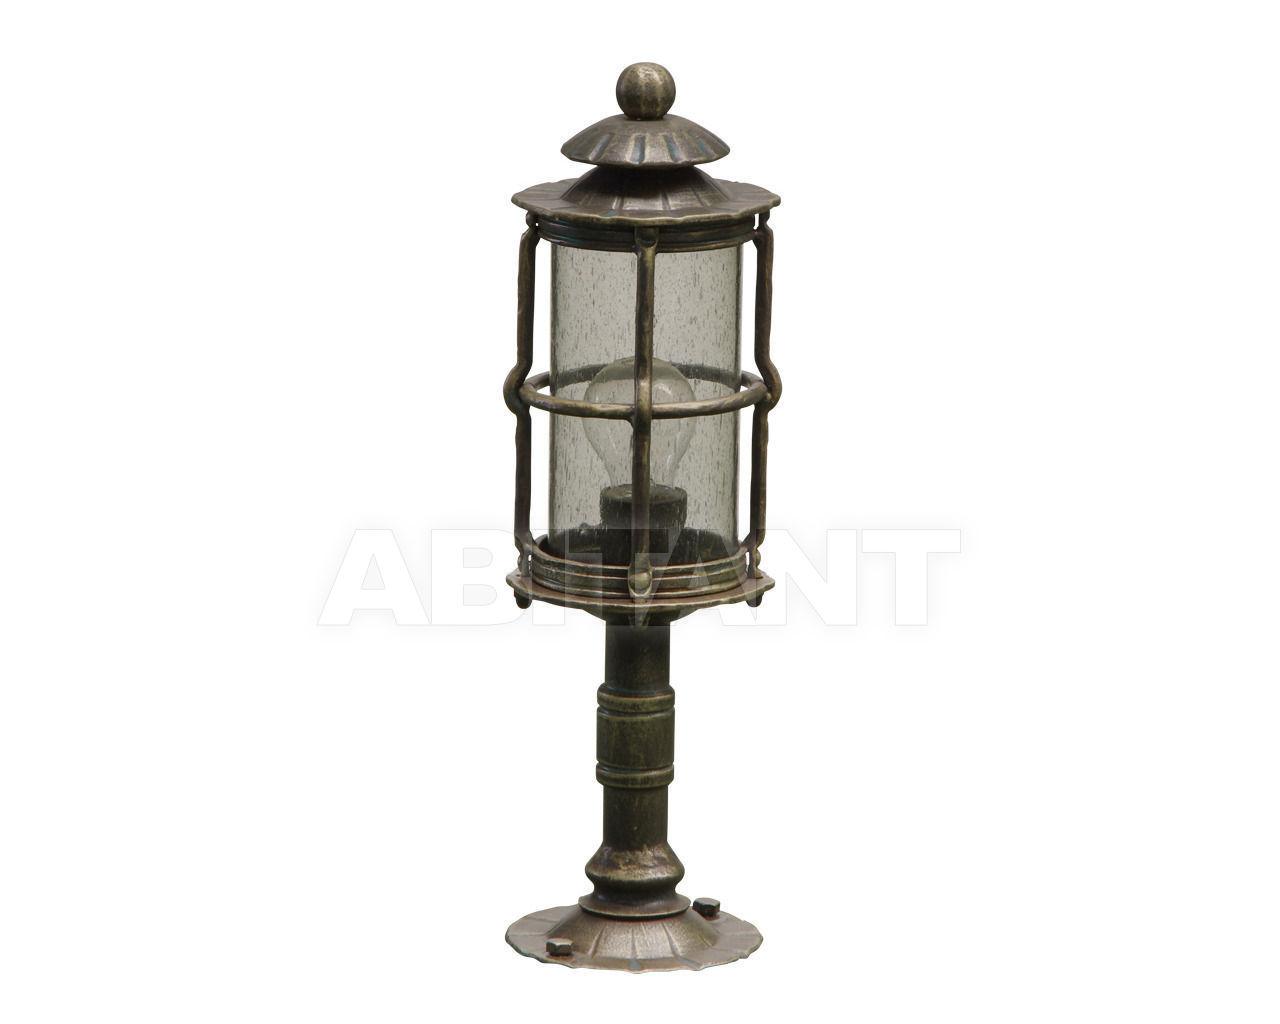 Купить Садовый светильник FMB Leuchten Schmiedeeisen Lampen Und Leuchten 90416